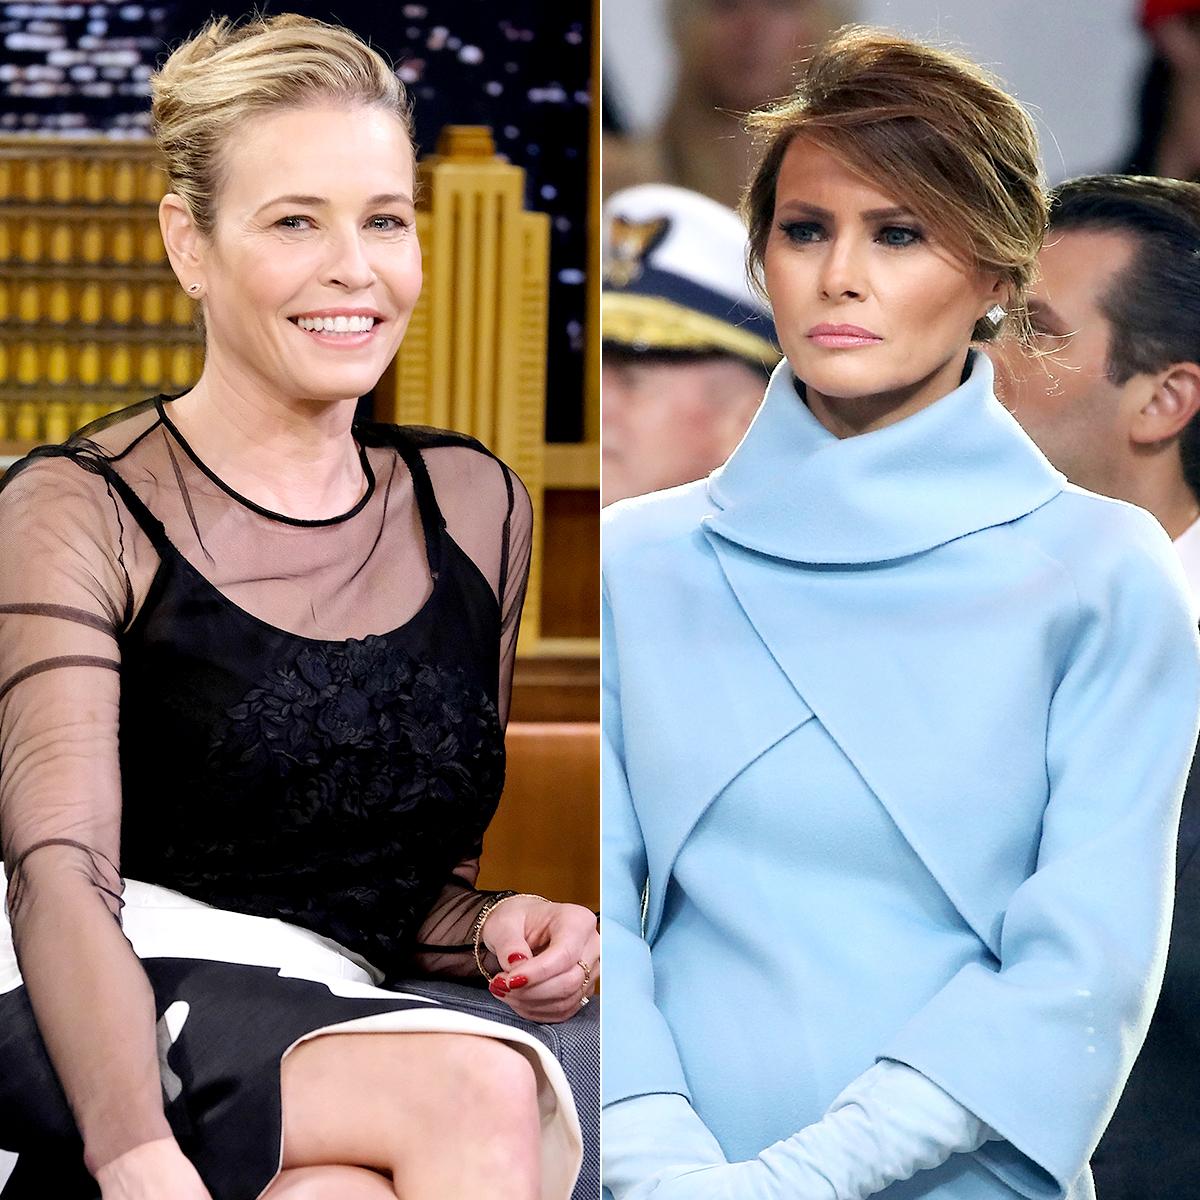 Chelsea Handler and Melania Trump